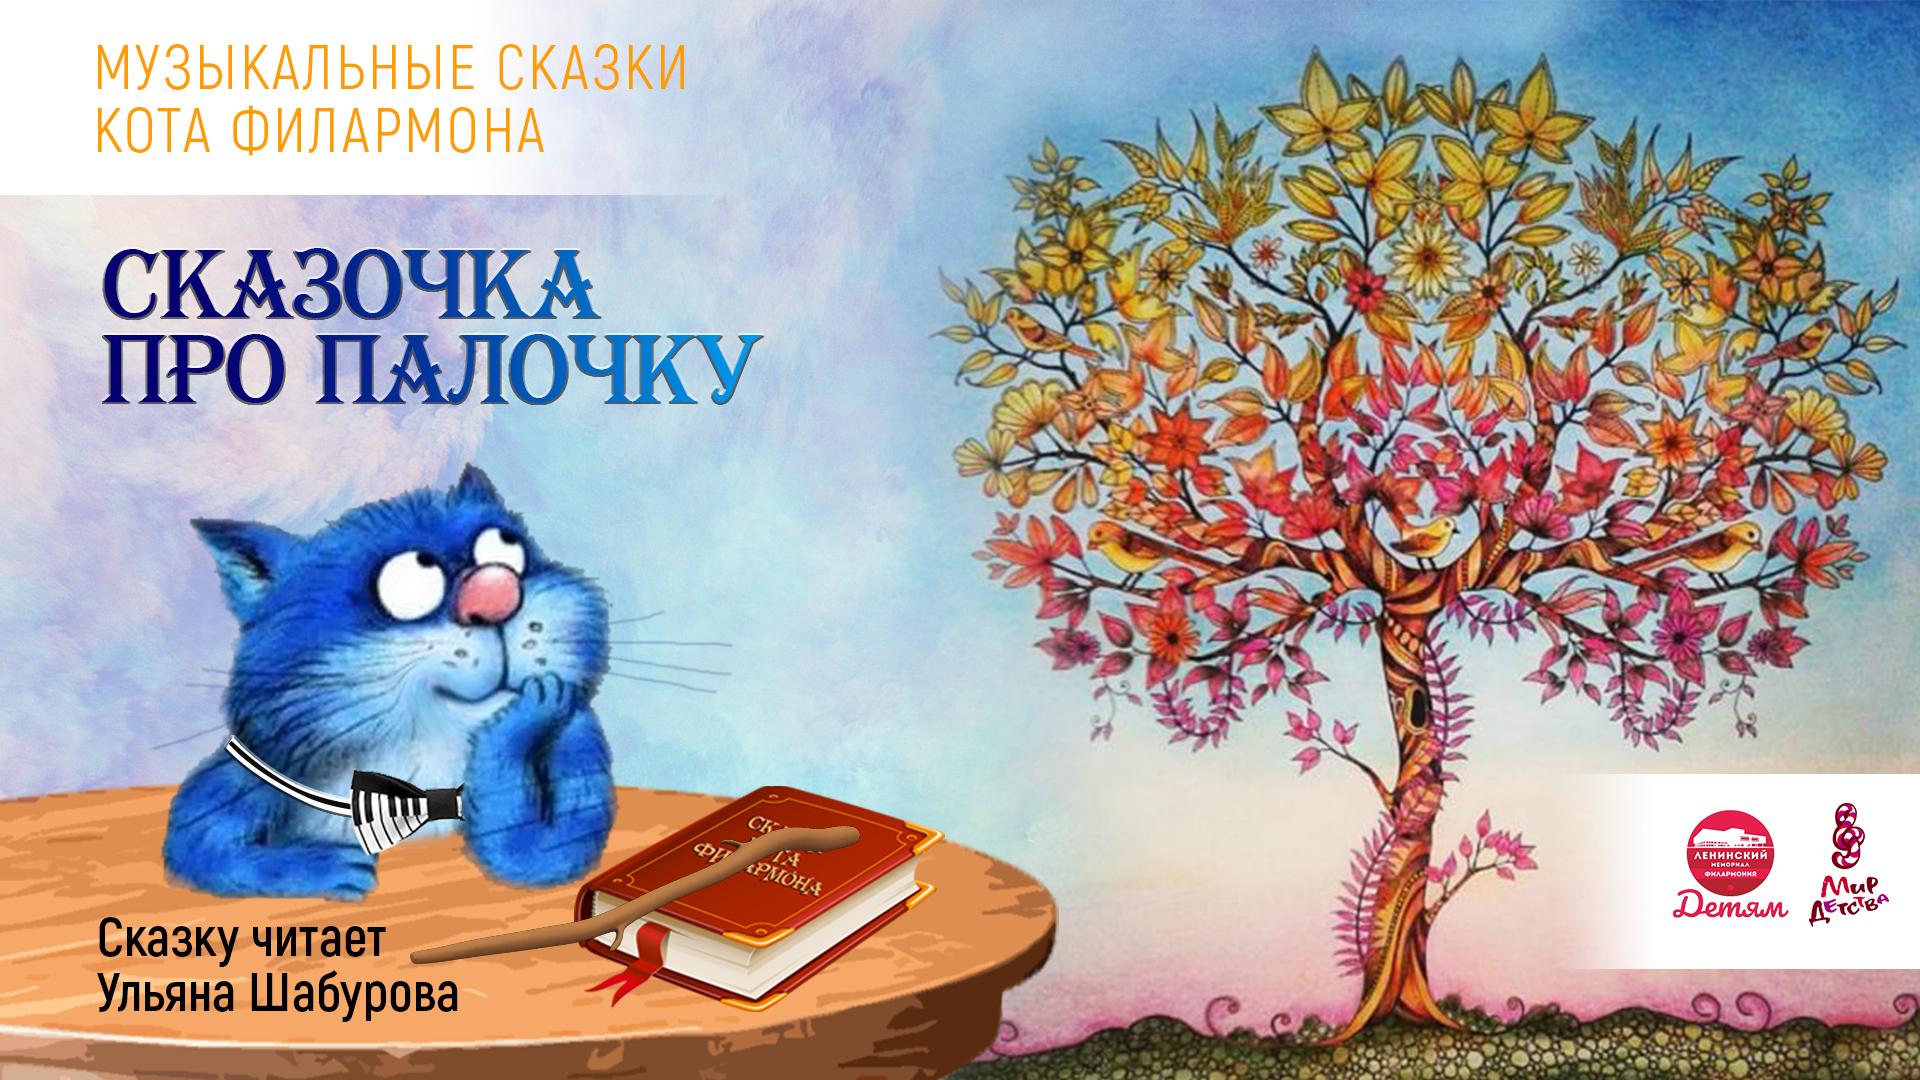 Программа для детей «Музыкальные сказки кота Филармона»